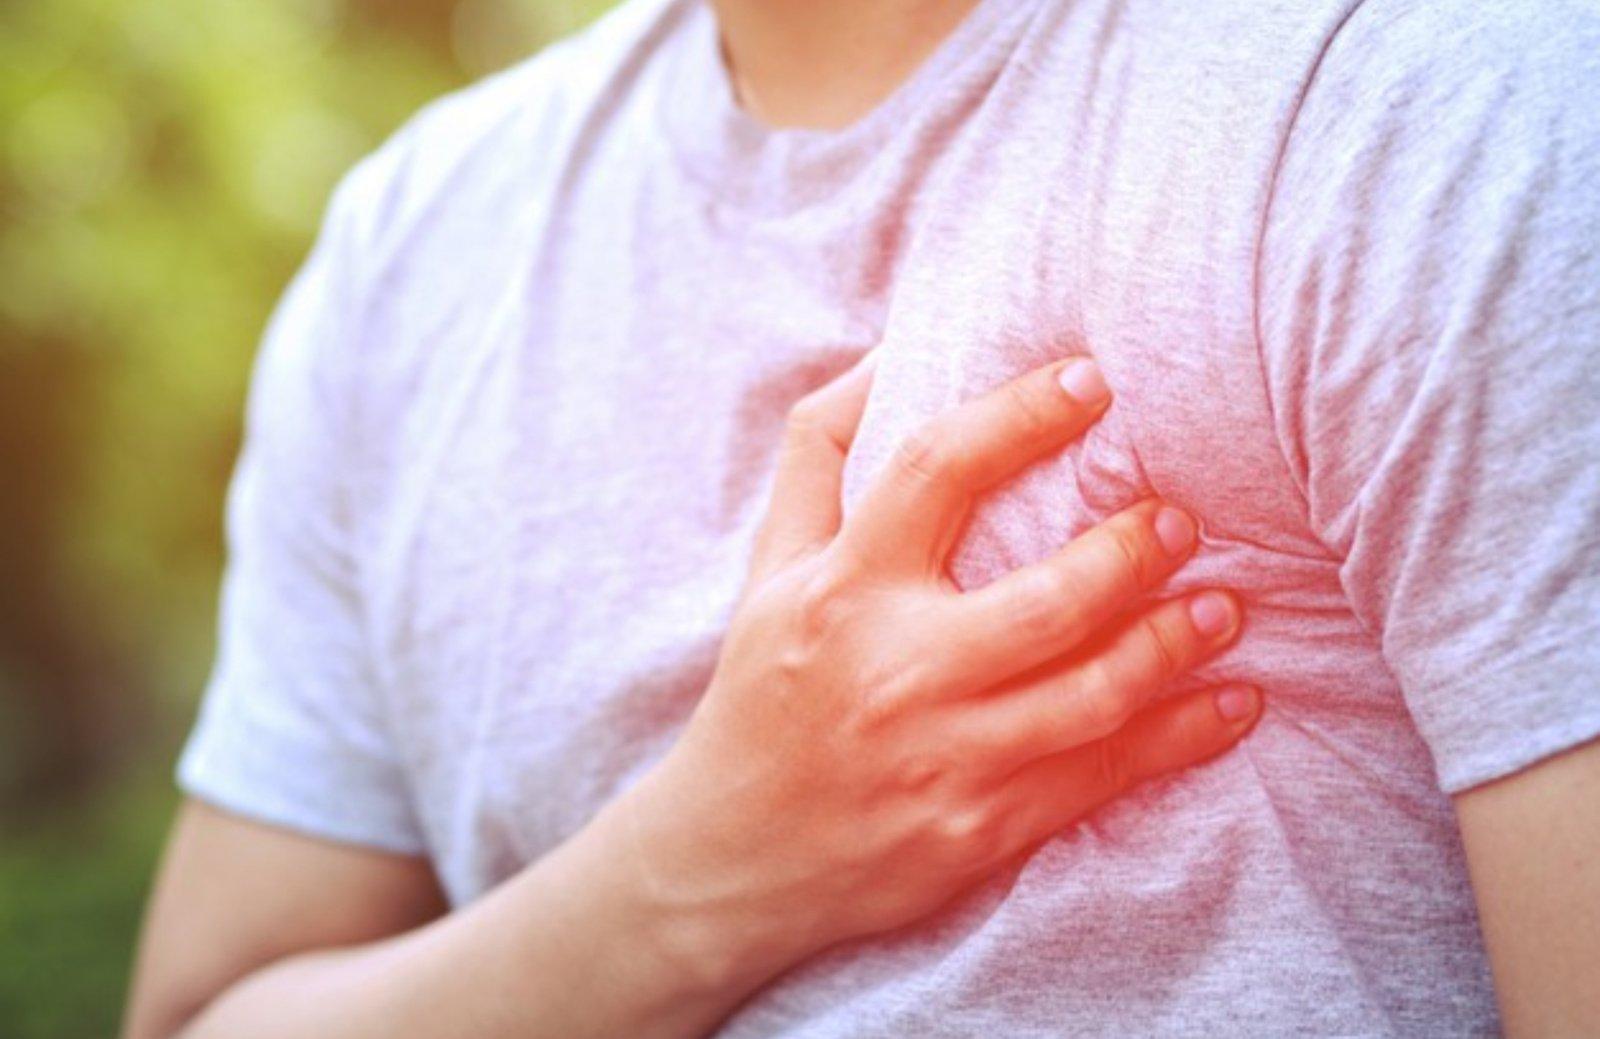 Kardiologė: nuo trombų pavojaus gelbsti natūrali organizmo apsauga